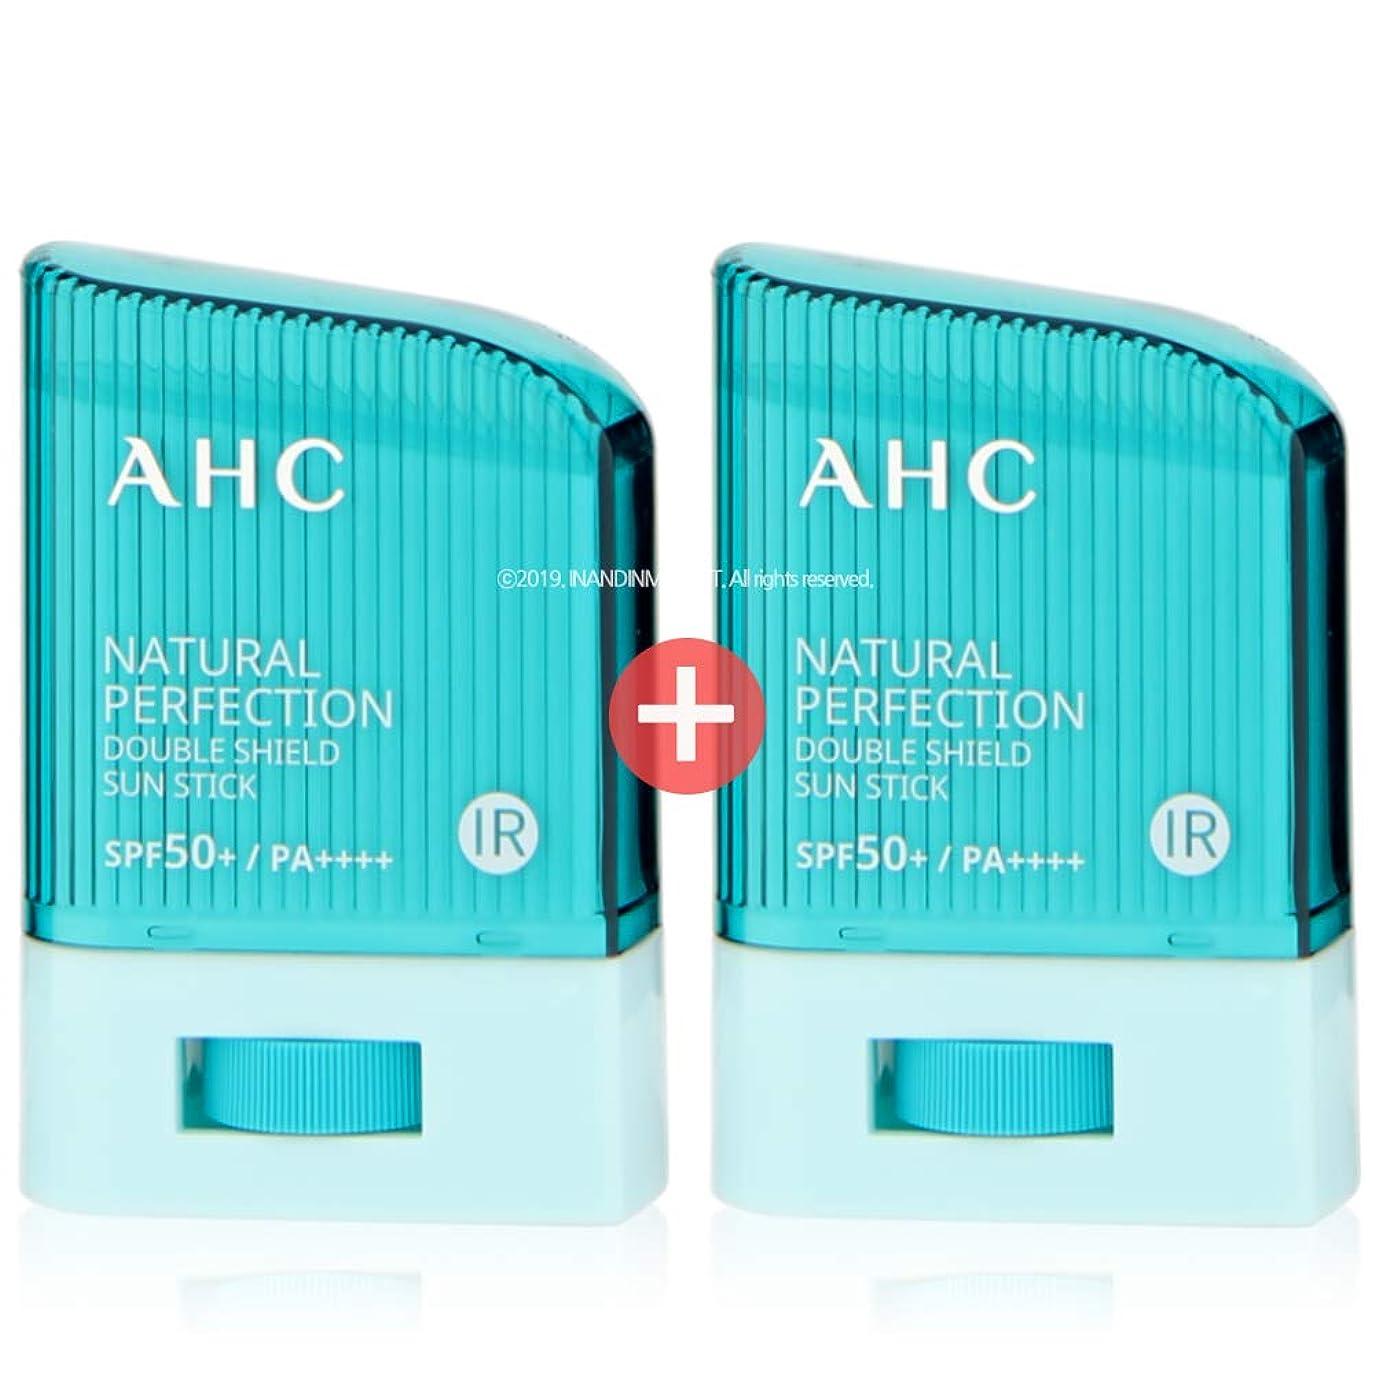 然としたタイムリーな将来の[ 1+1 ] AHC ナチュラルパーフェクションダブルシールドサンスティック 14g, Natural Perfection Double Shield Sun Stick SPF50+ PA++++